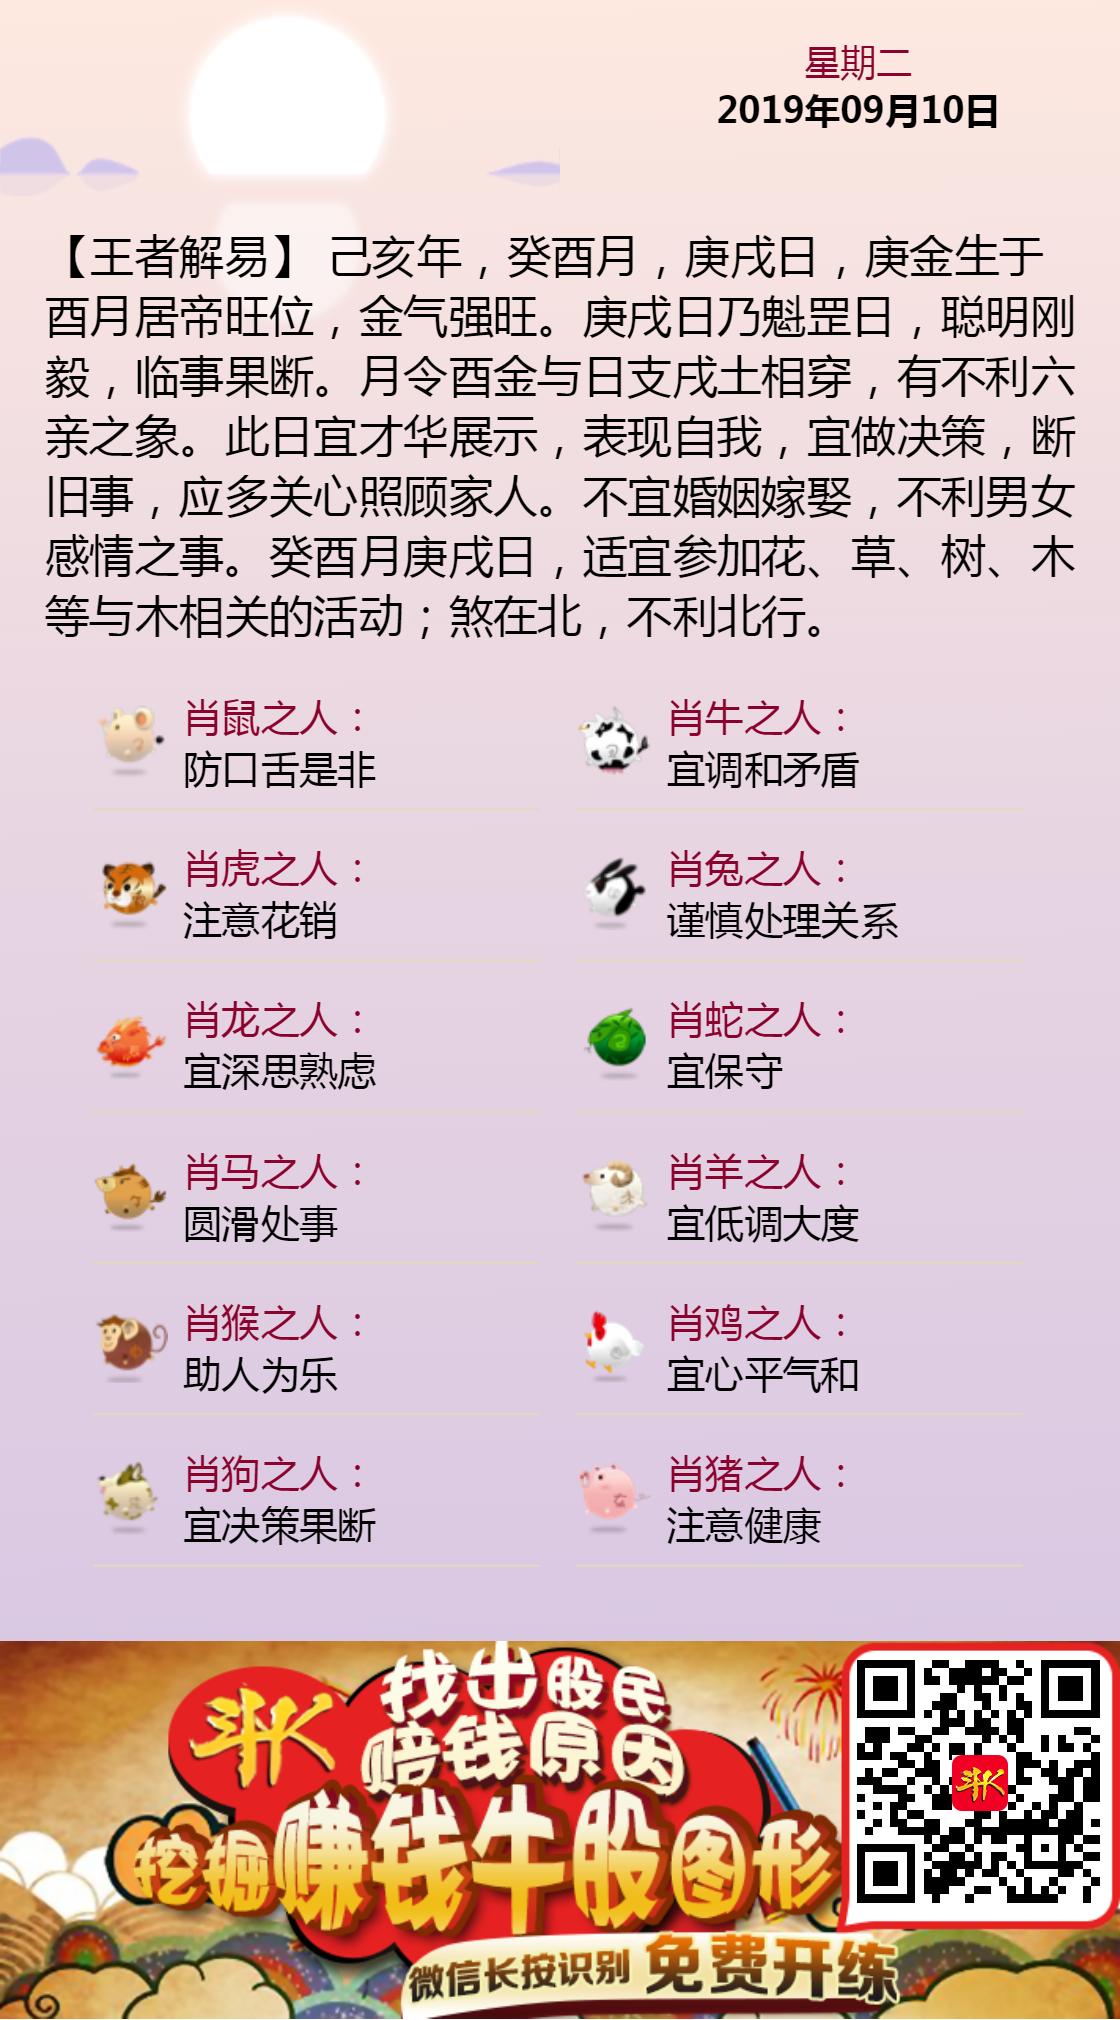 2019.9.10黄历斗K.png